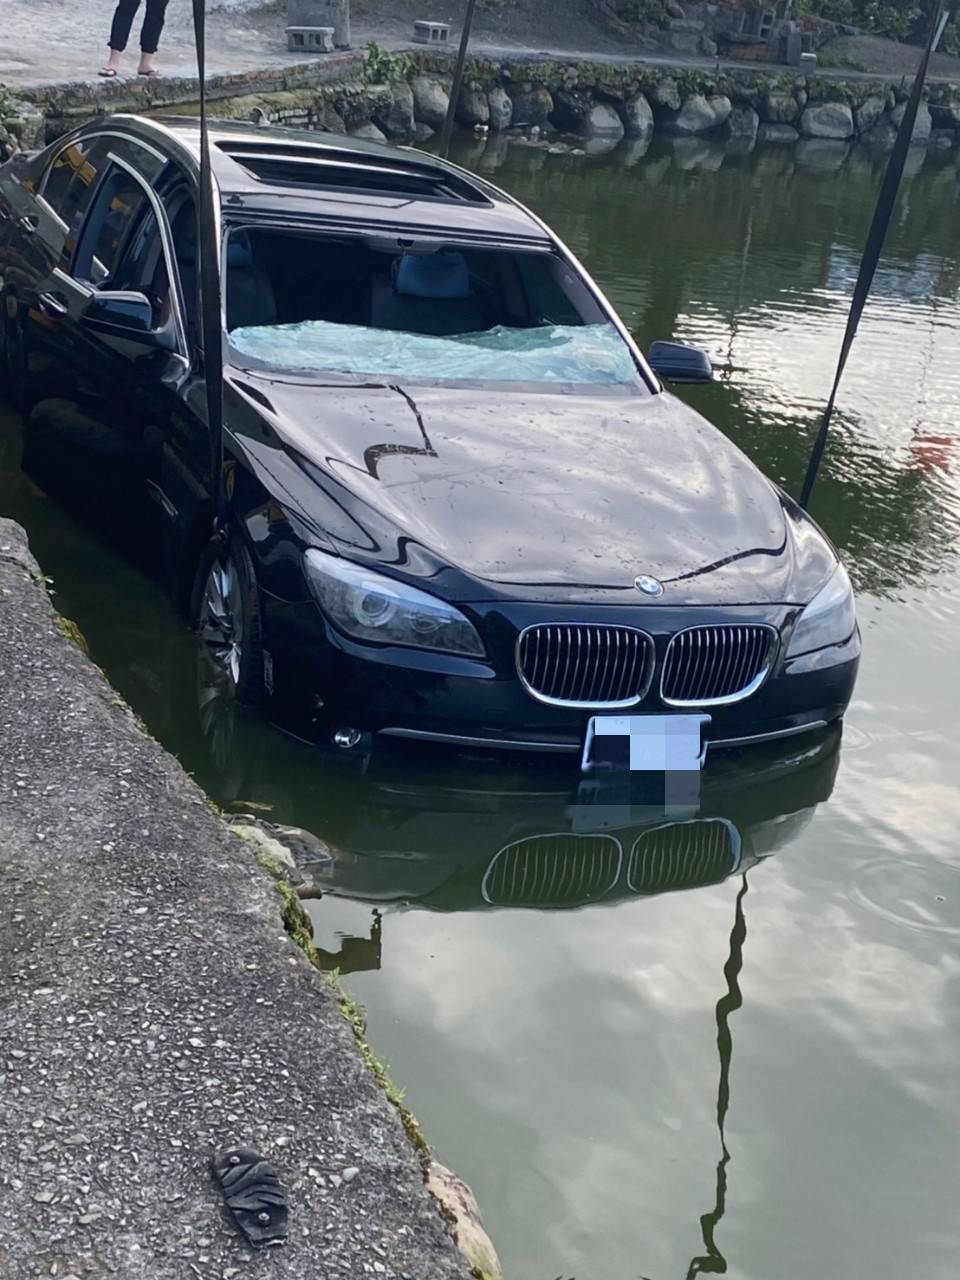 BMW 750轎車沒入釣魚池中,只能請拖吊車協助打撈。記者林昭彰/翻攝